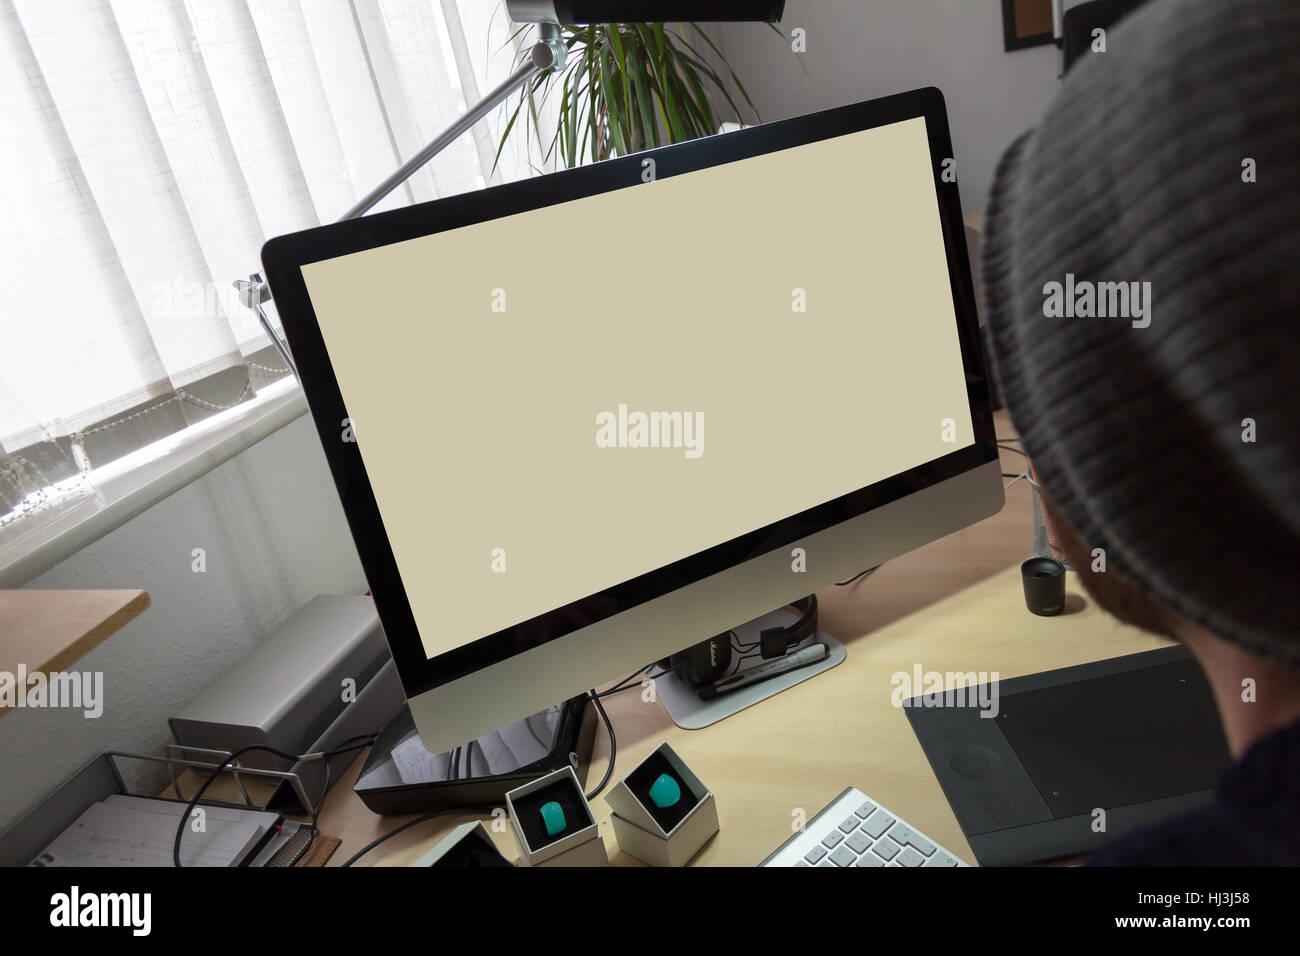 Grande Vuoto Nella Schermata Desktop Sat Su Un Angolo Scrivania In